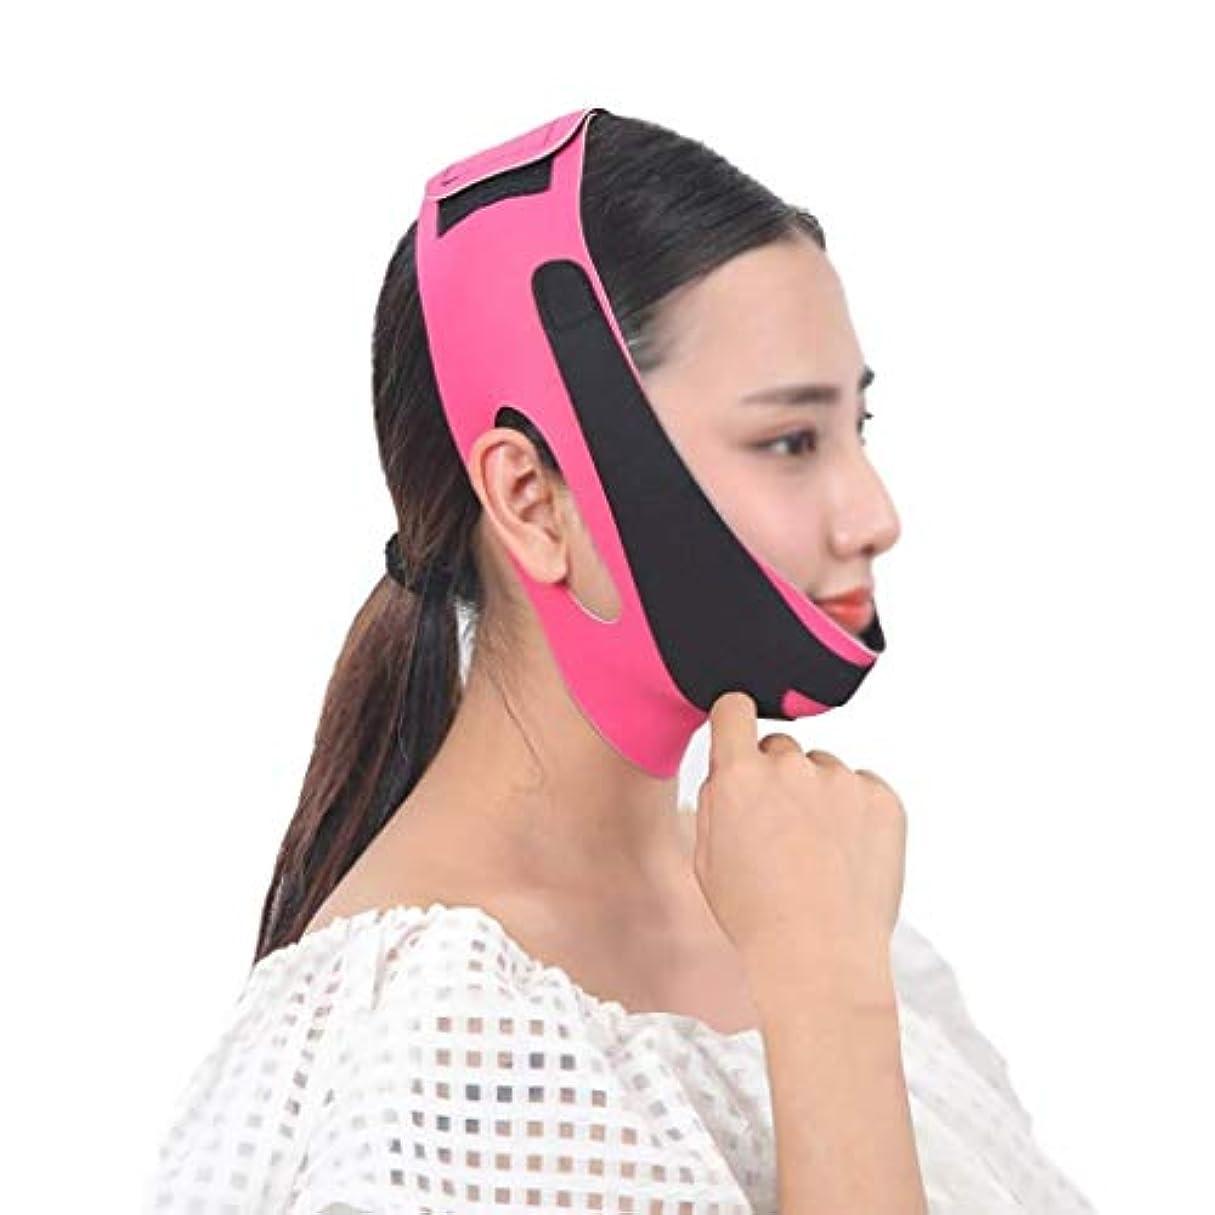 彼らはマリナー蒸留するフェイスアンドネックリフト術後弾性フェイスマスク小さなV顔アーティファクト薄い顔包帯アーティファクトV顔ぶら下げ耳リフティング引き締め薄い顔アーティファクト